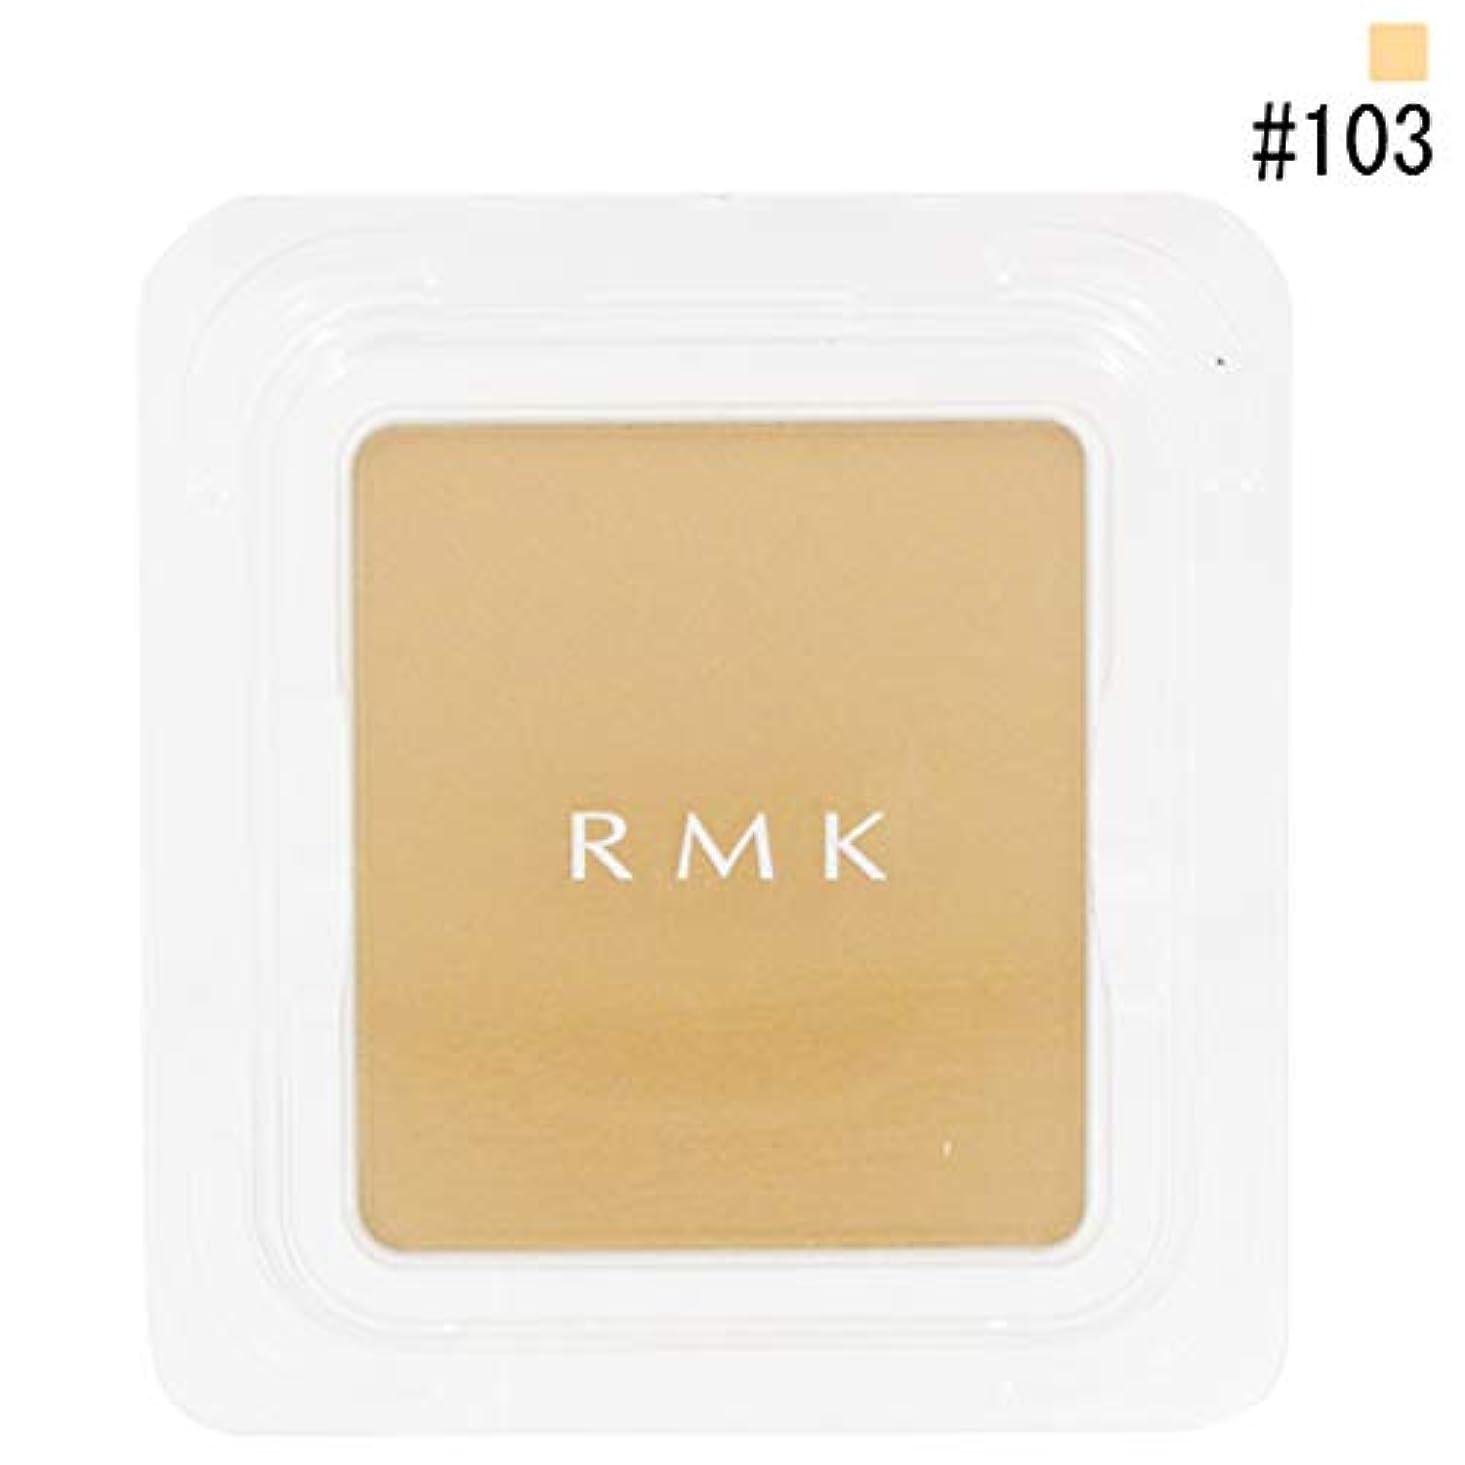 正確なタヒチリズミカルなRMK アールエムケー エアリーパウダー ファンデーション (レフィル) #103 10.5g [並行輸入品]